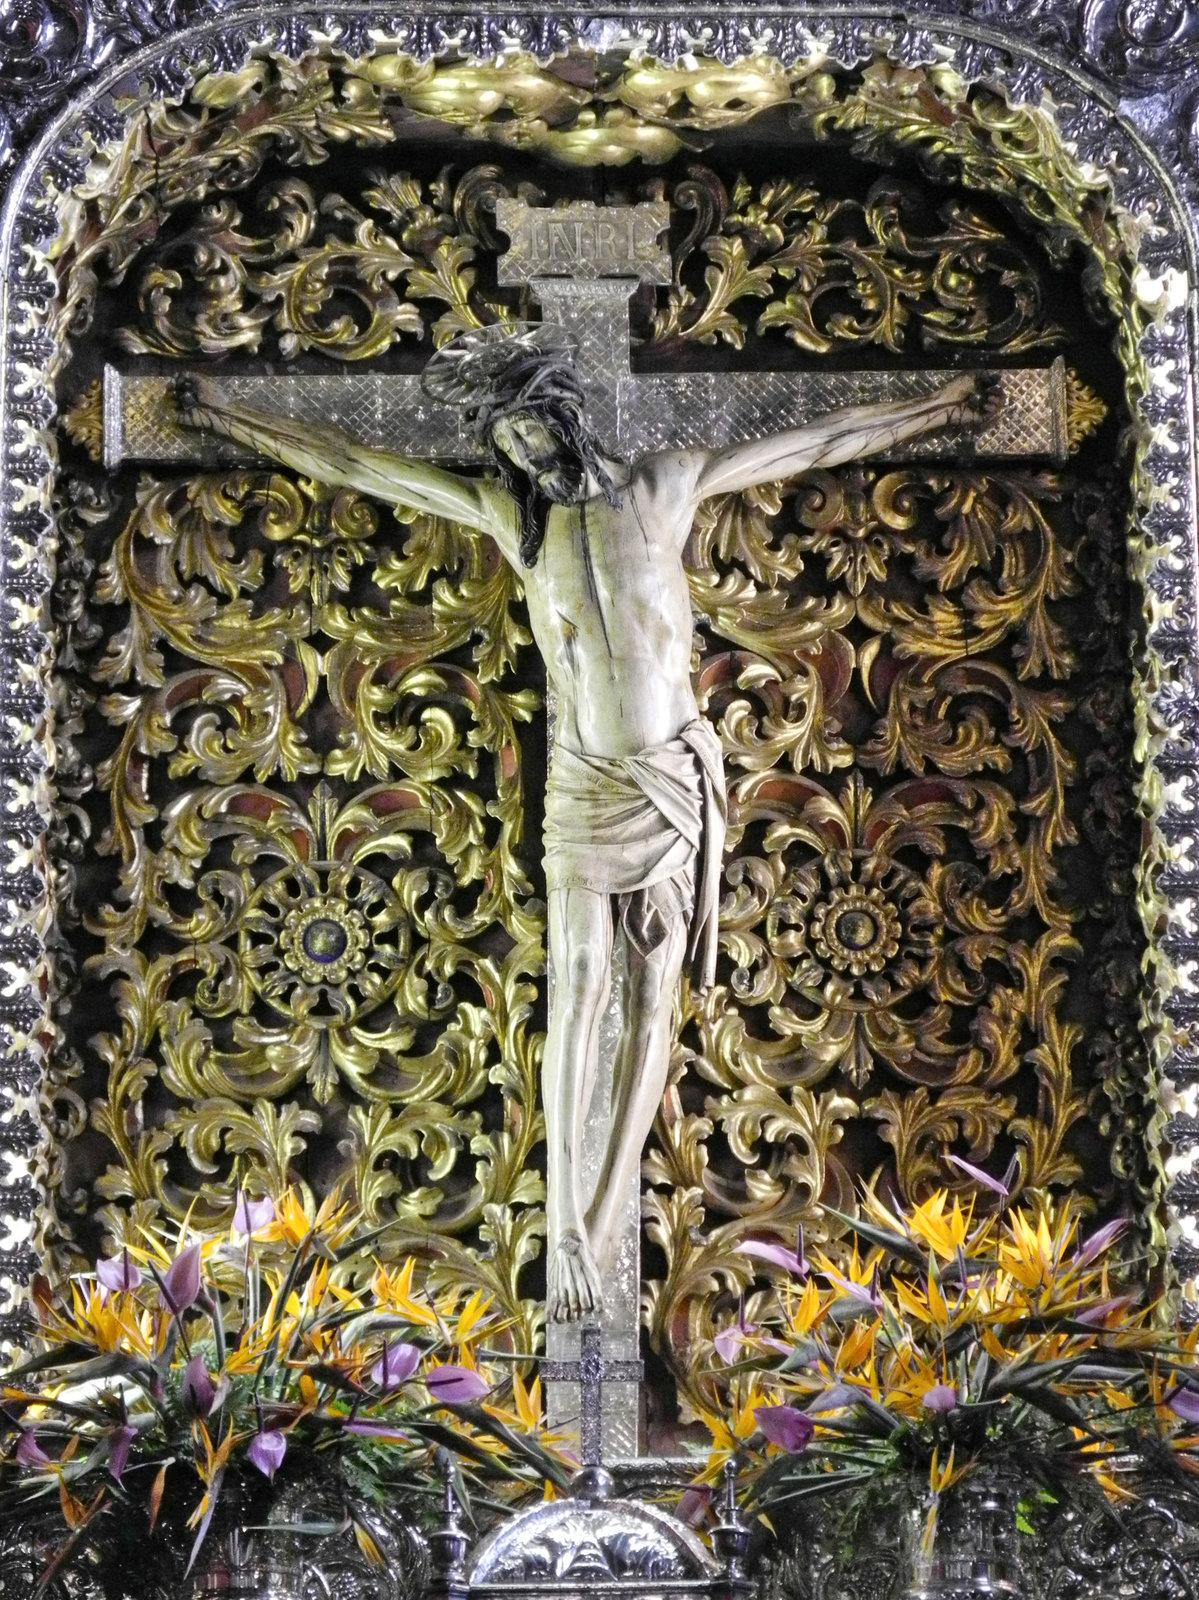 dřevěná socha ukřižovaného Ježíše Krista z 16. století z Antvrerp (součástí oltáře v královské svatyni Cristo de La Laguna)